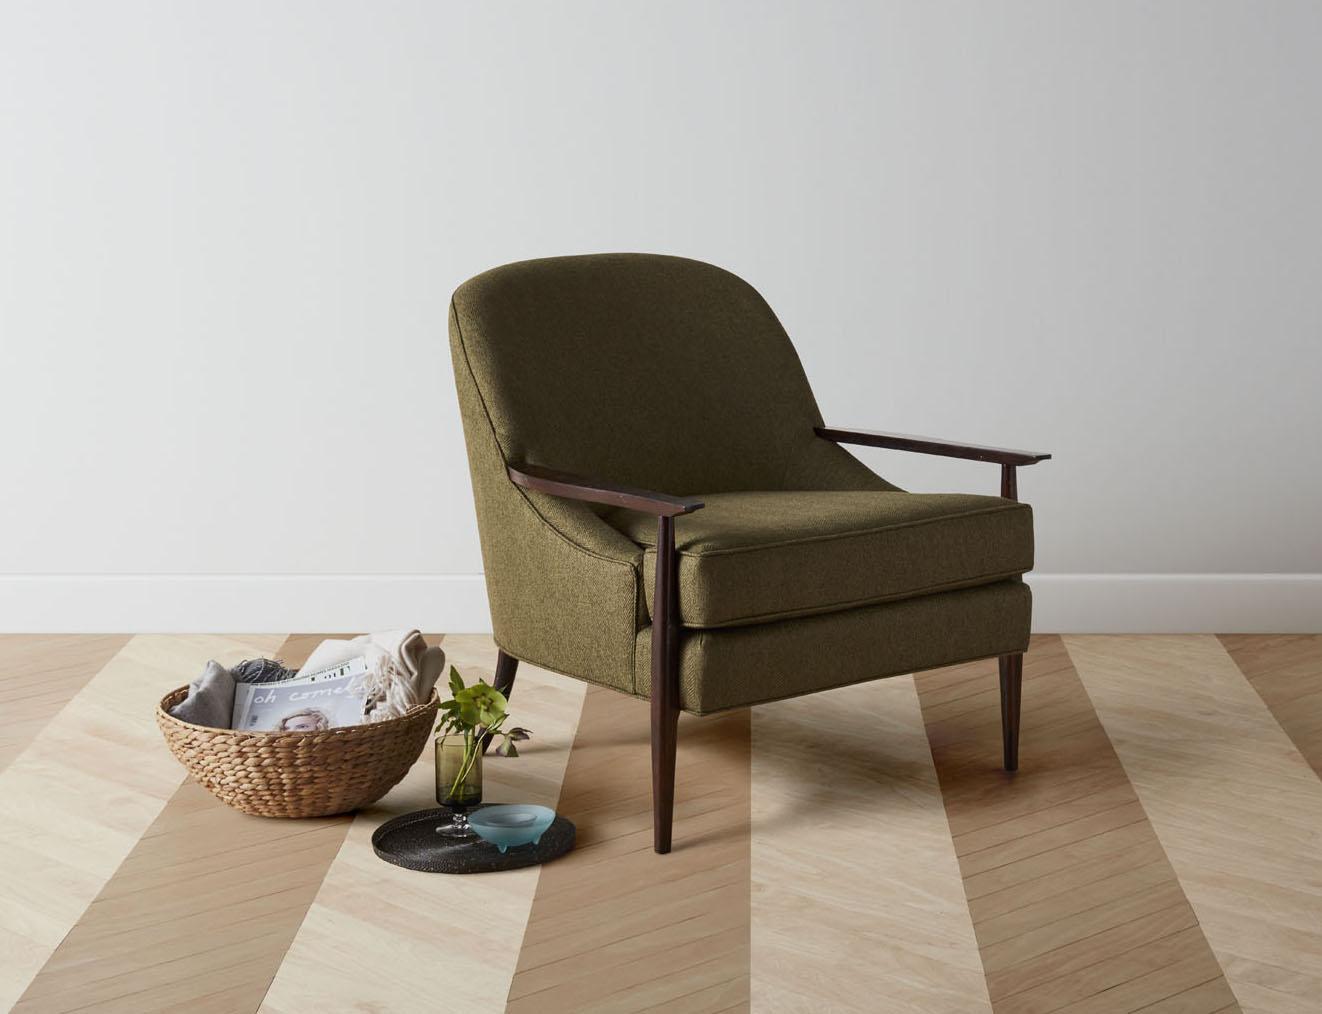 The Leroy chair